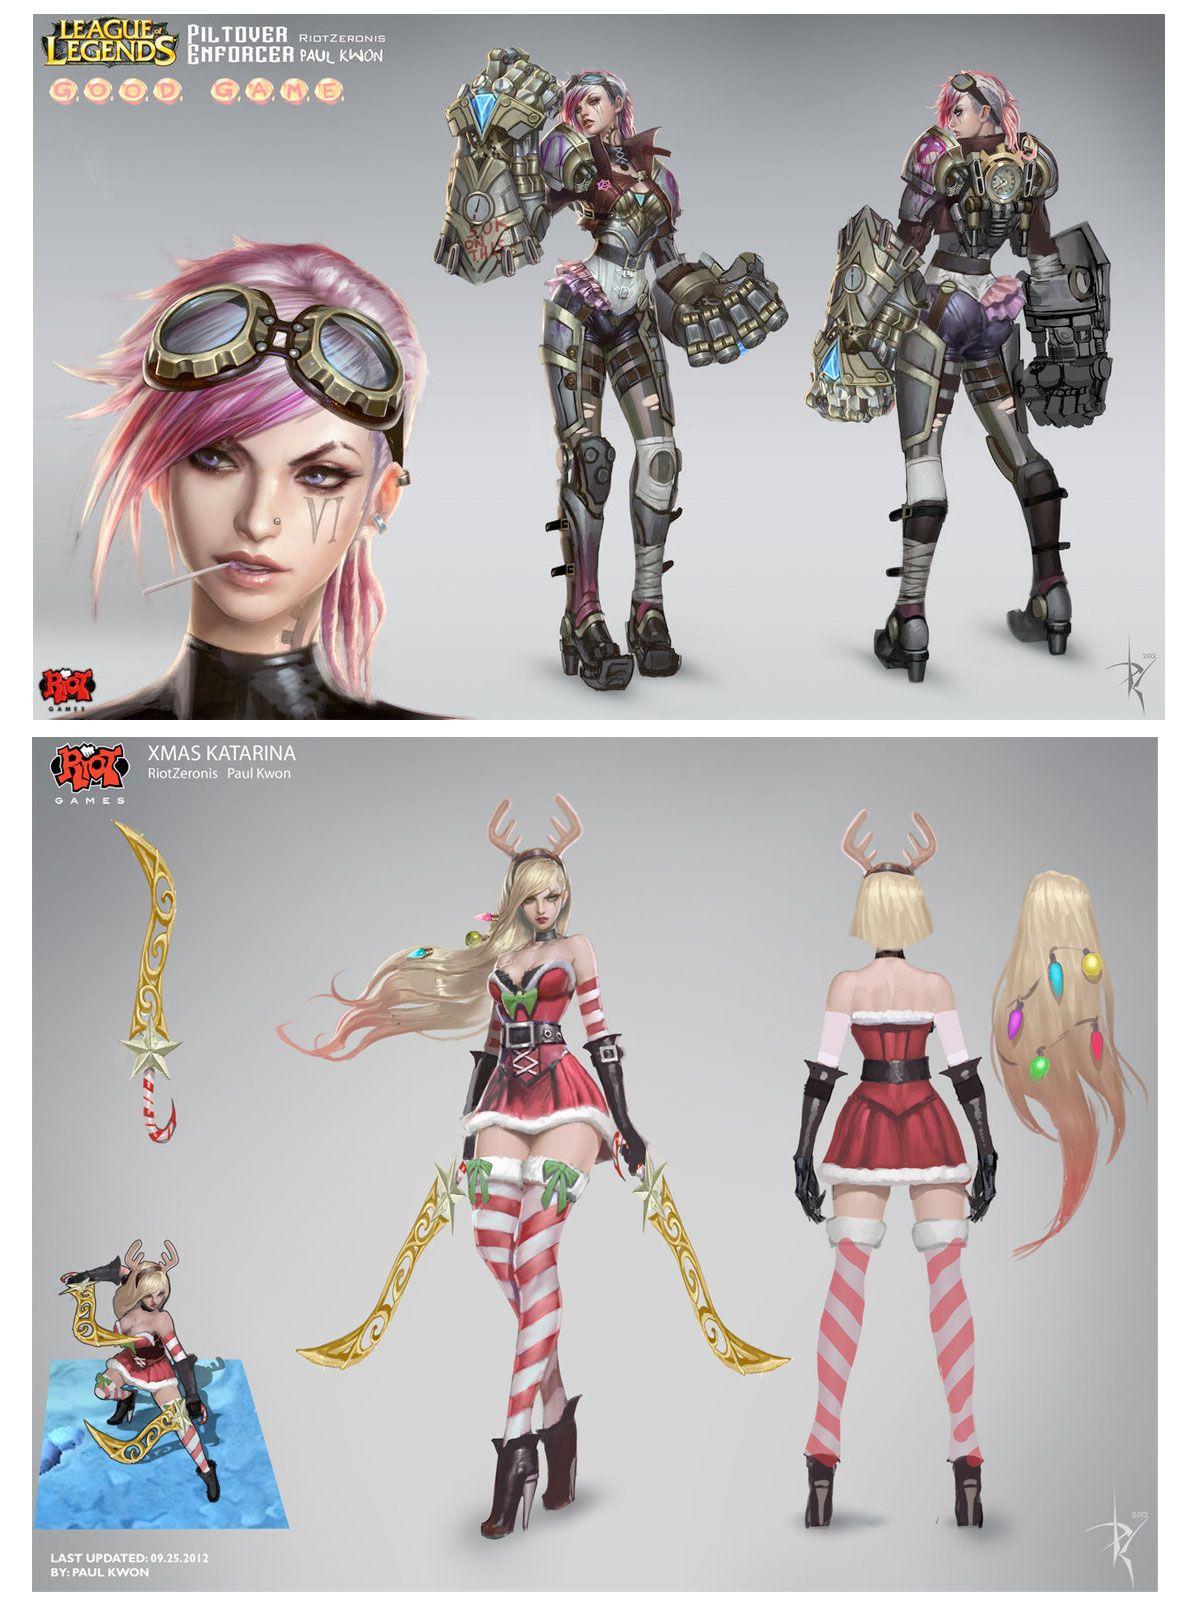 League Of Legends Character Design Contest : Personagens do game league of legends criado pelo artista